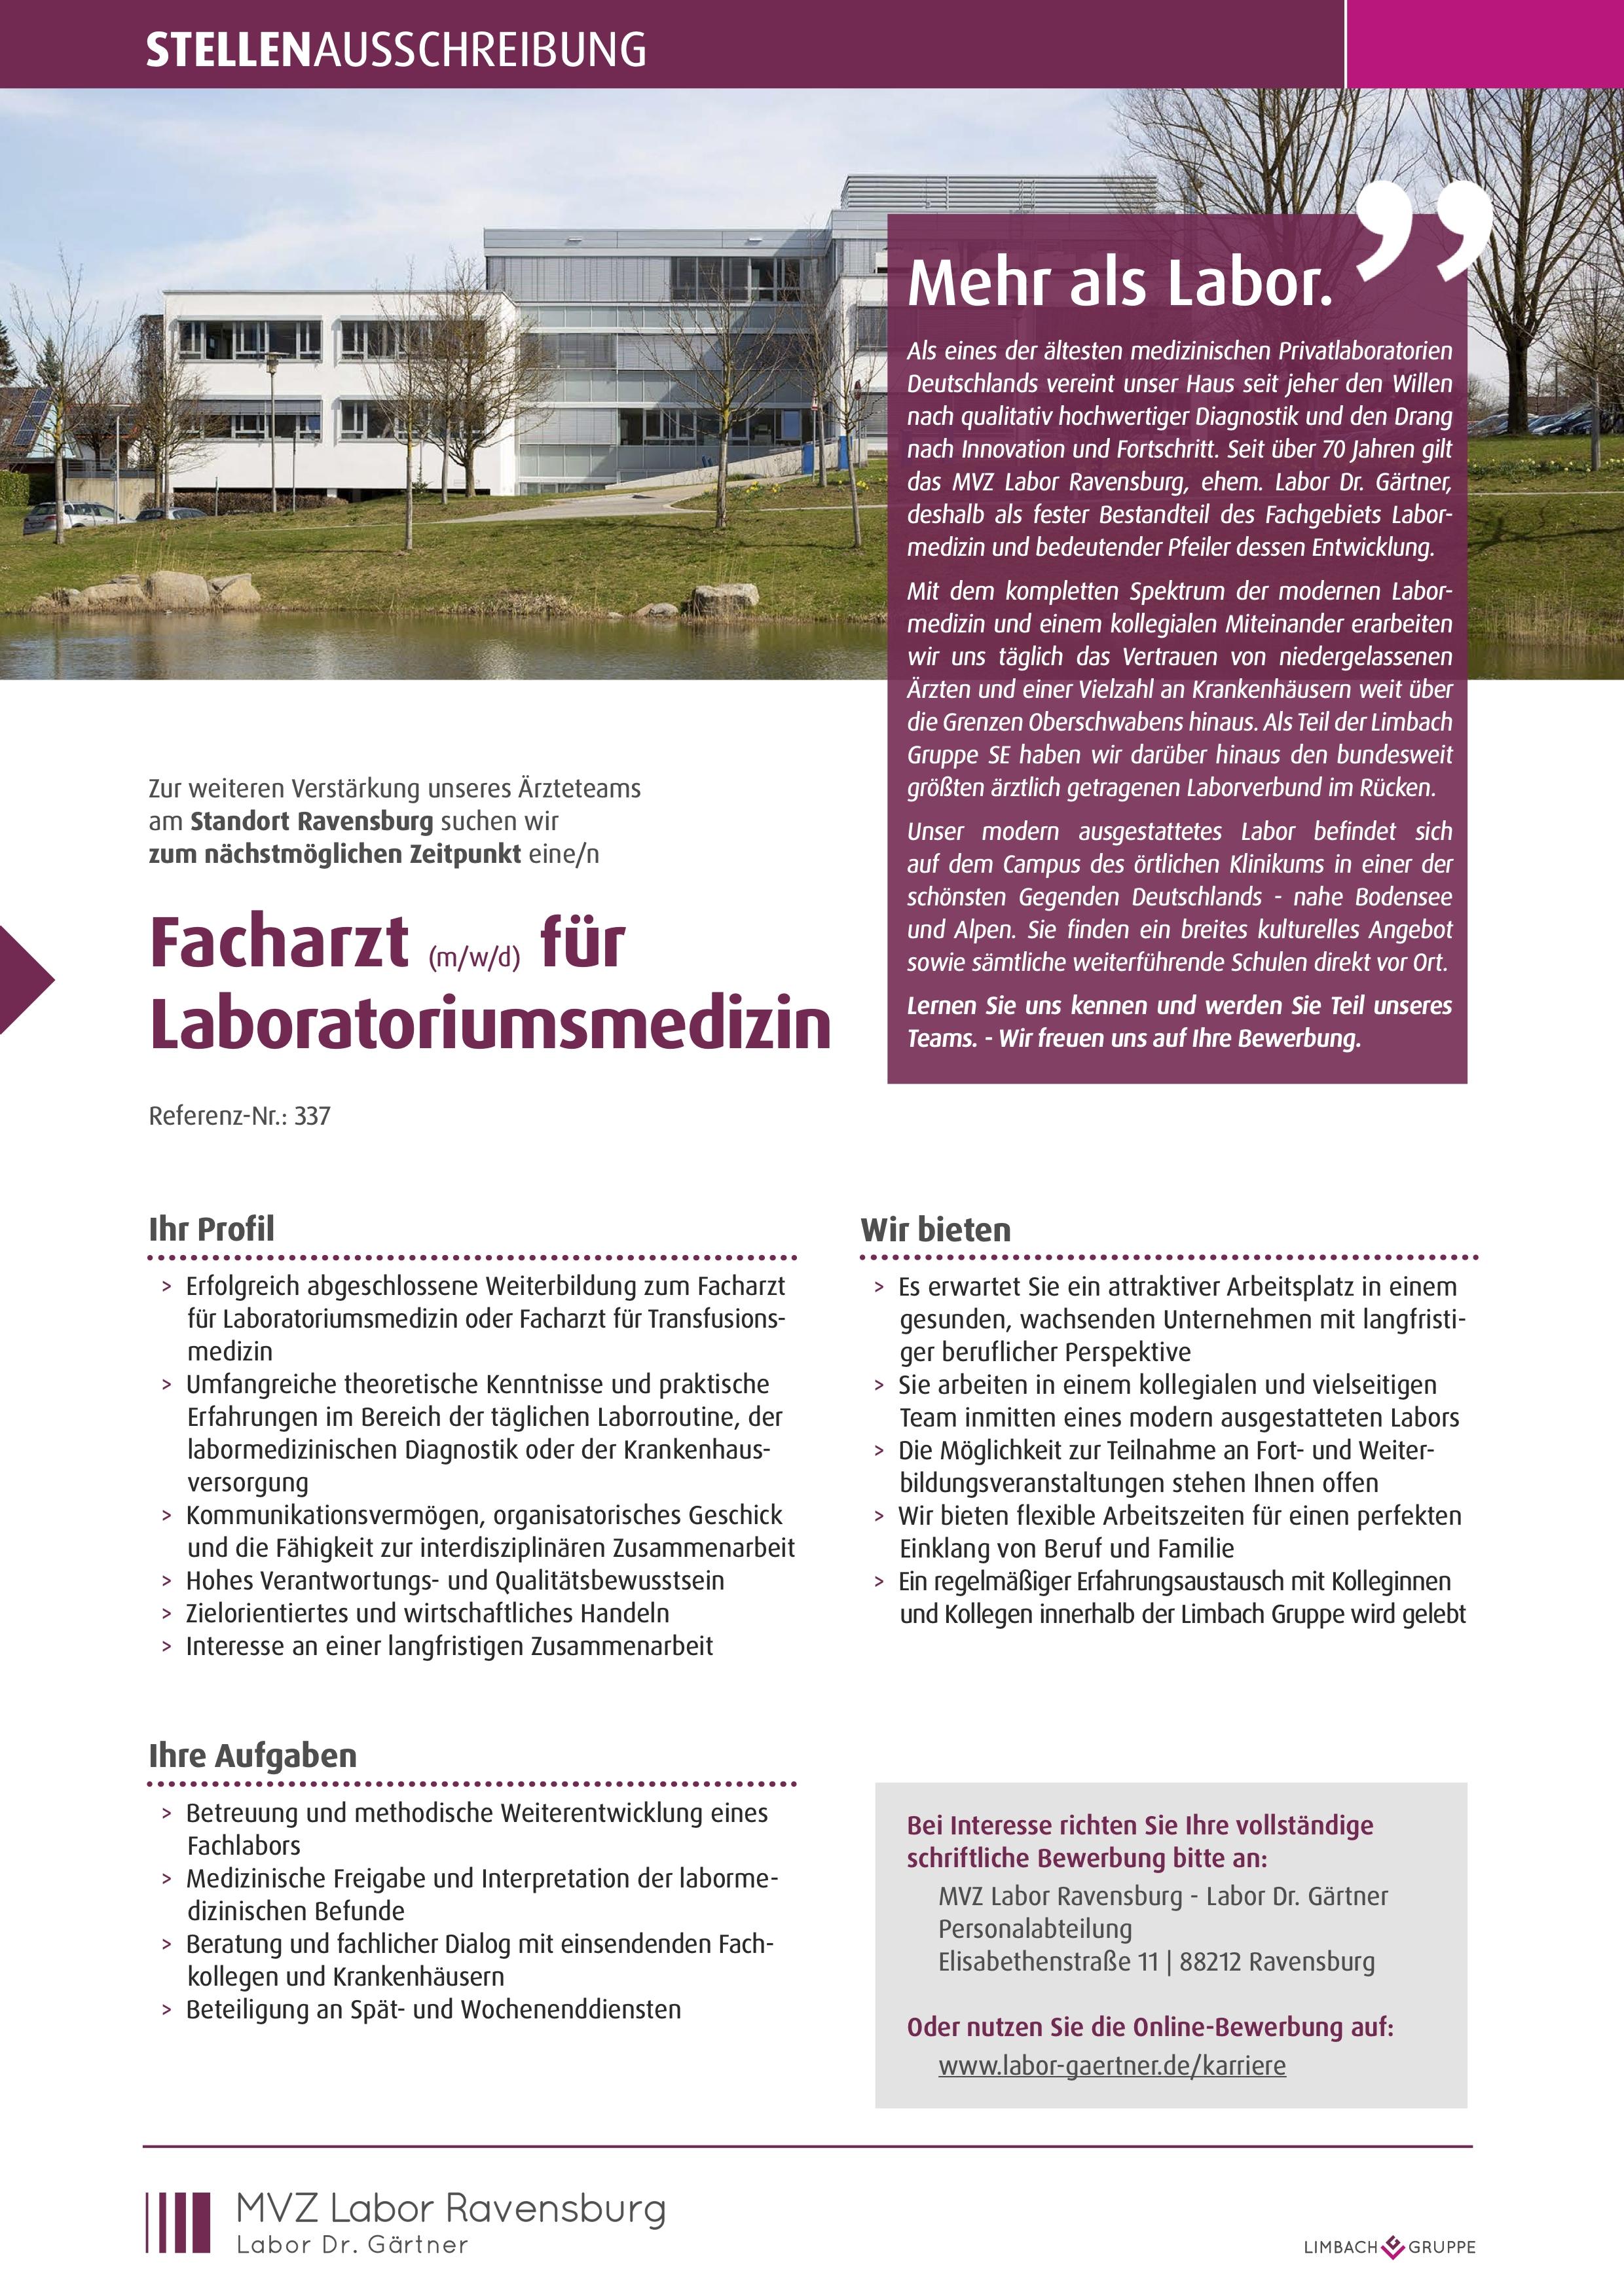 Facharzt (m/w/d) für Laboratoriumsmedizin